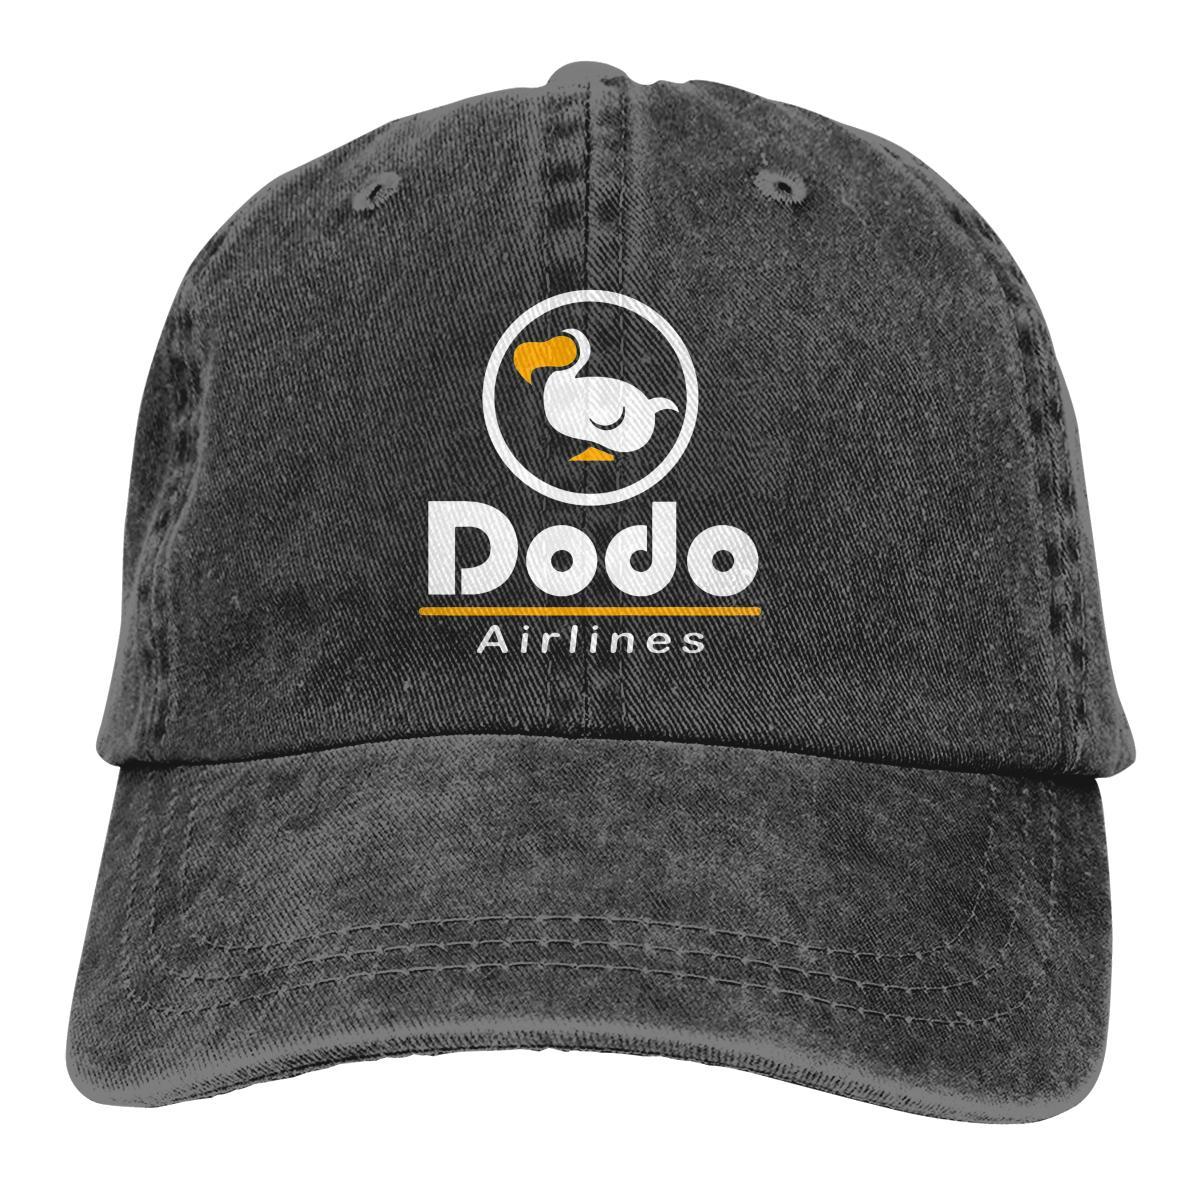 Boné de beisebol Dodo Airline chapéu de vaqueiro tampão repicado Animal Crossing New Horizons Chapéus